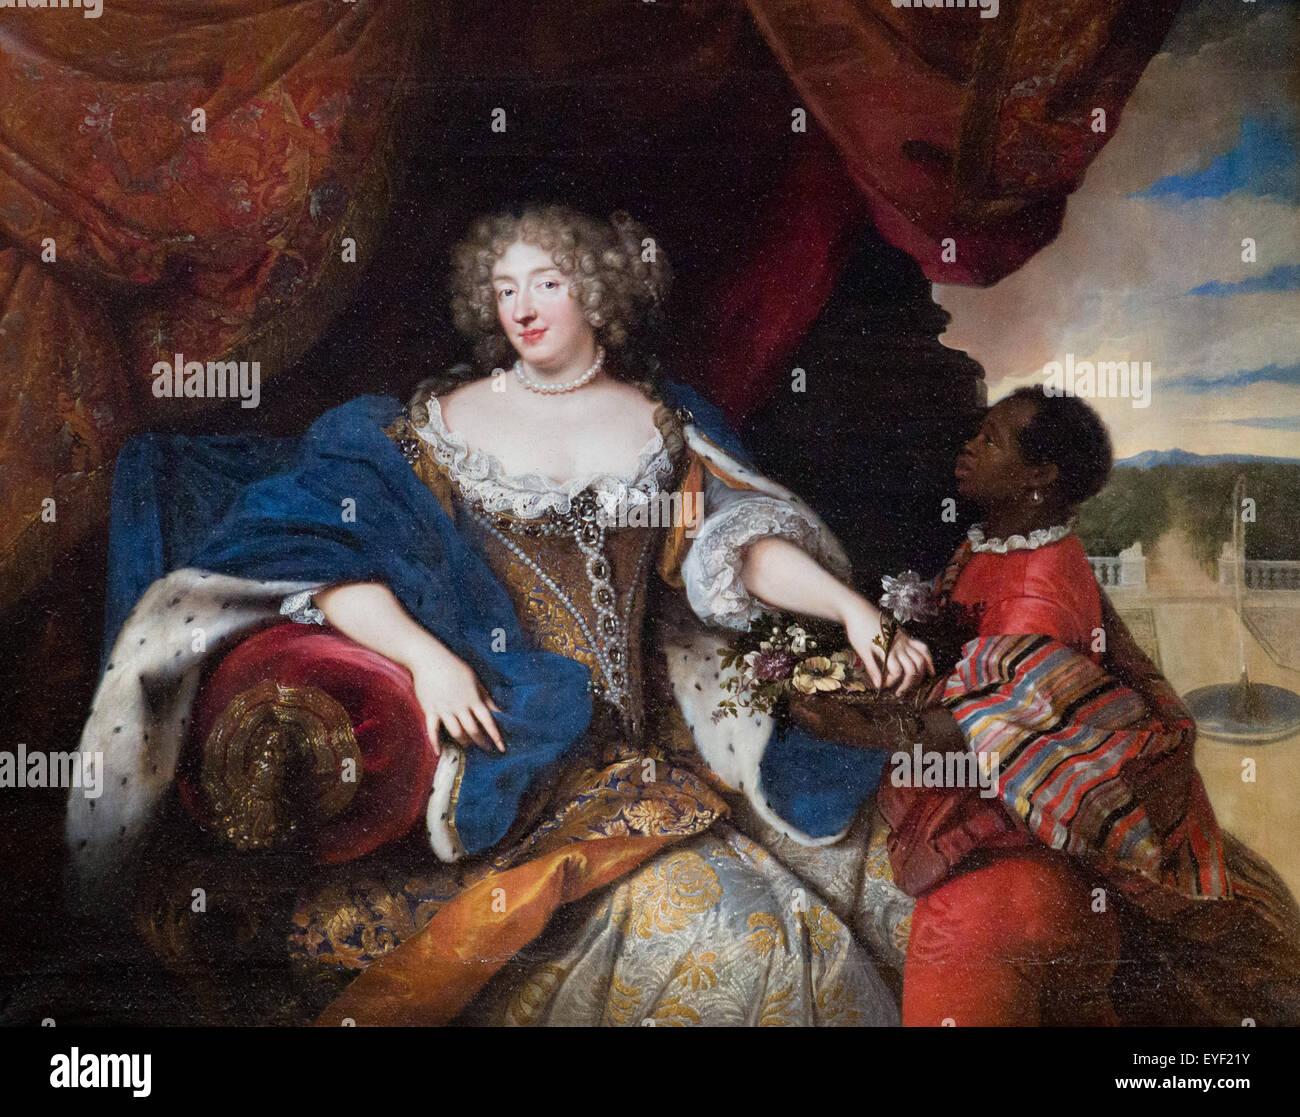 Elisabeth-Charlotte von Jahre-Pfalz von Wittelsbach 12.10.2013 - Sammlung des 18. Jahrhunderts Stockbild